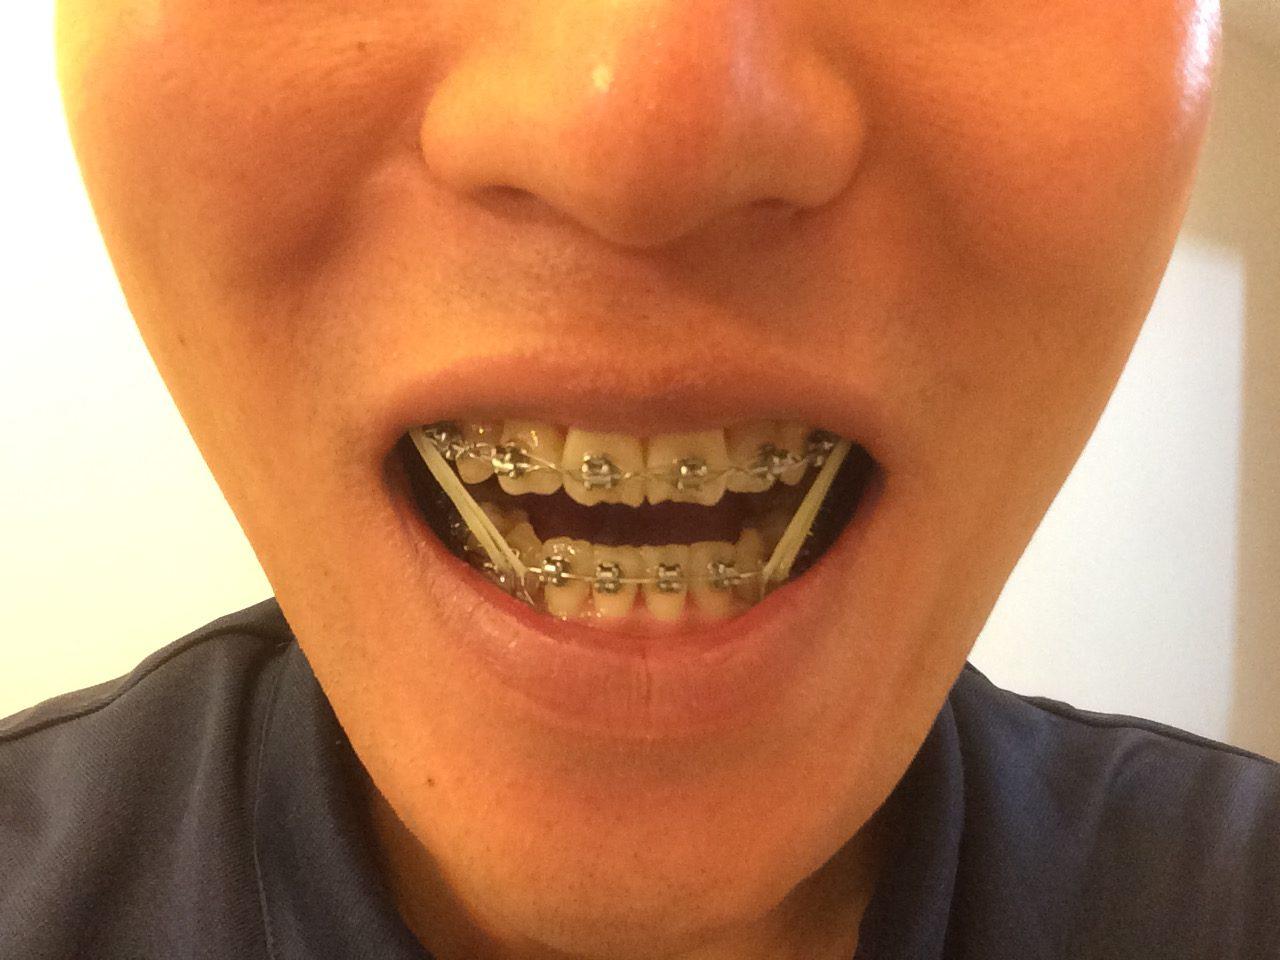 南米に2年間行くなら、歯列を綺麗にしてみてはいかがだろうか:コロンビアの歯列矯正事情(とても安い・うまい・期間は同じ)